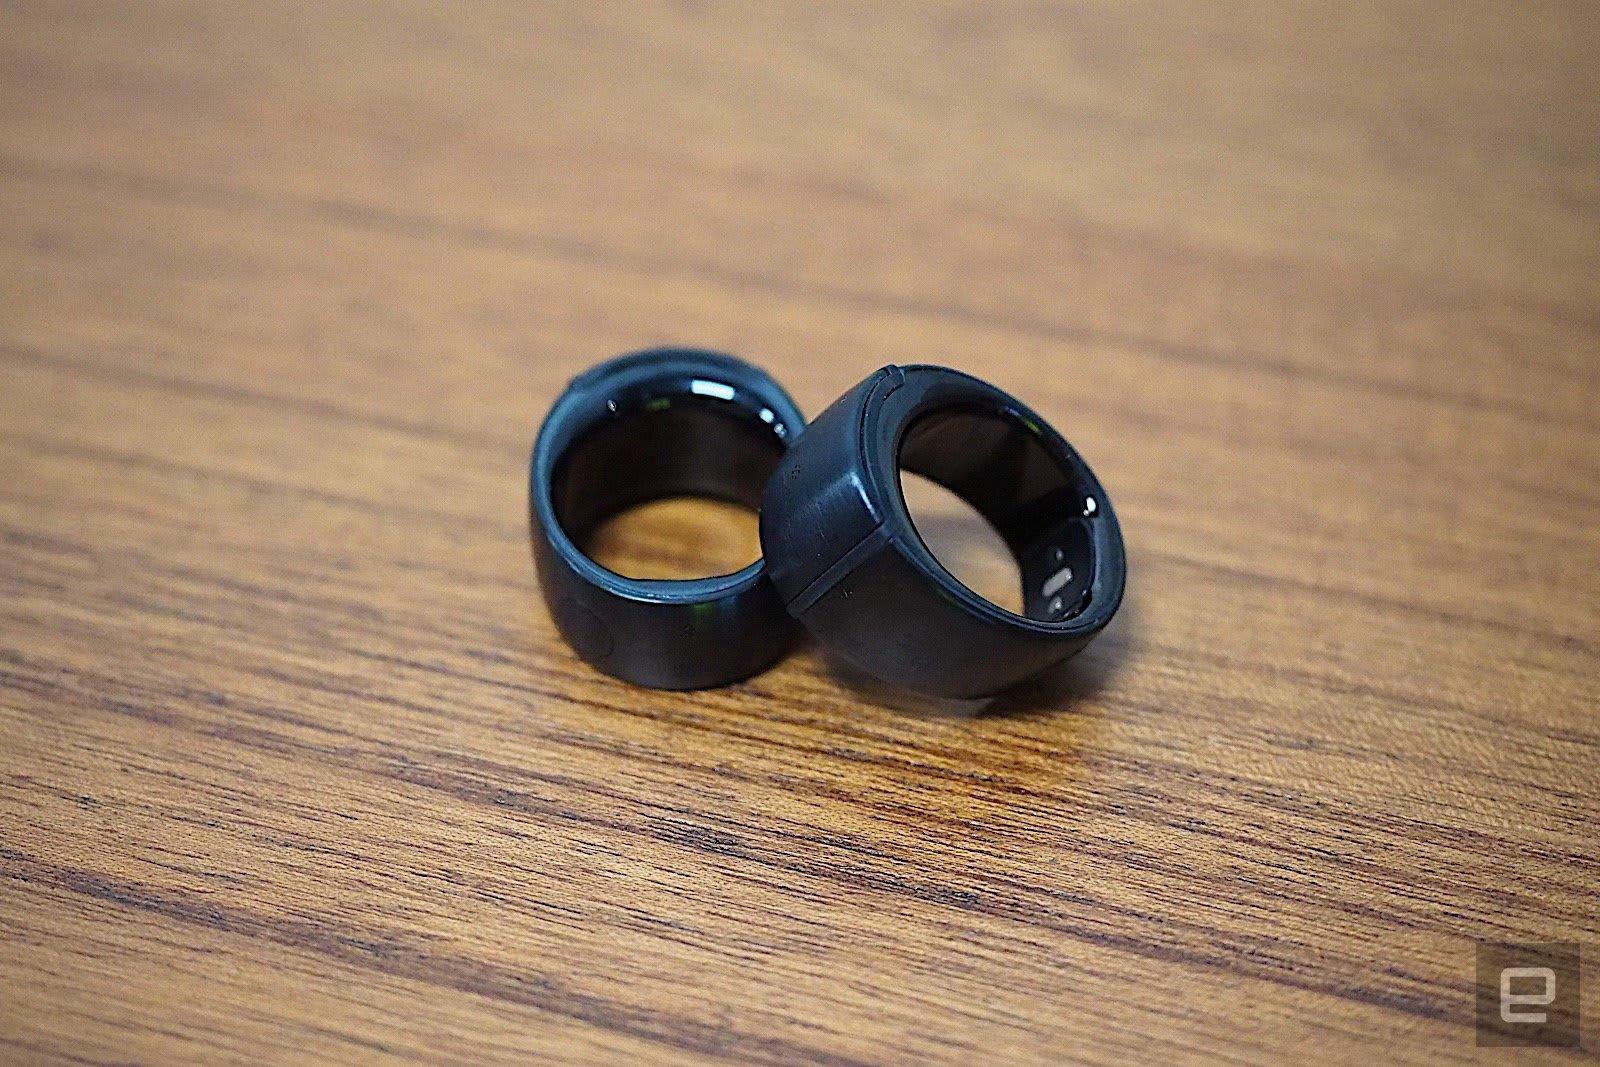 次のAlexaデバイスは指輪型!? アマゾンが「Echo Loop」を海外発表